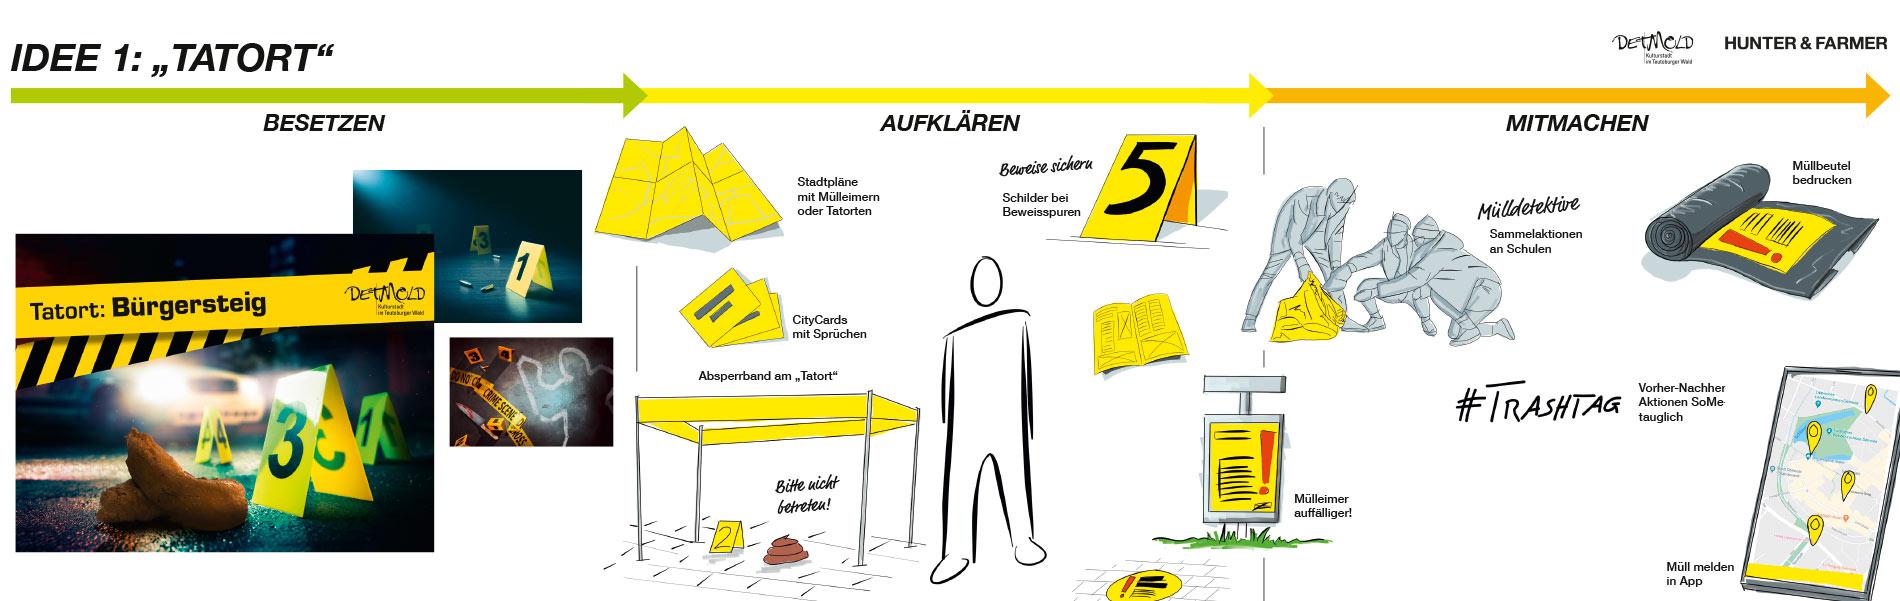 Beschreibung der Idee der Sauberkeitskampagne der Stadt Detmold